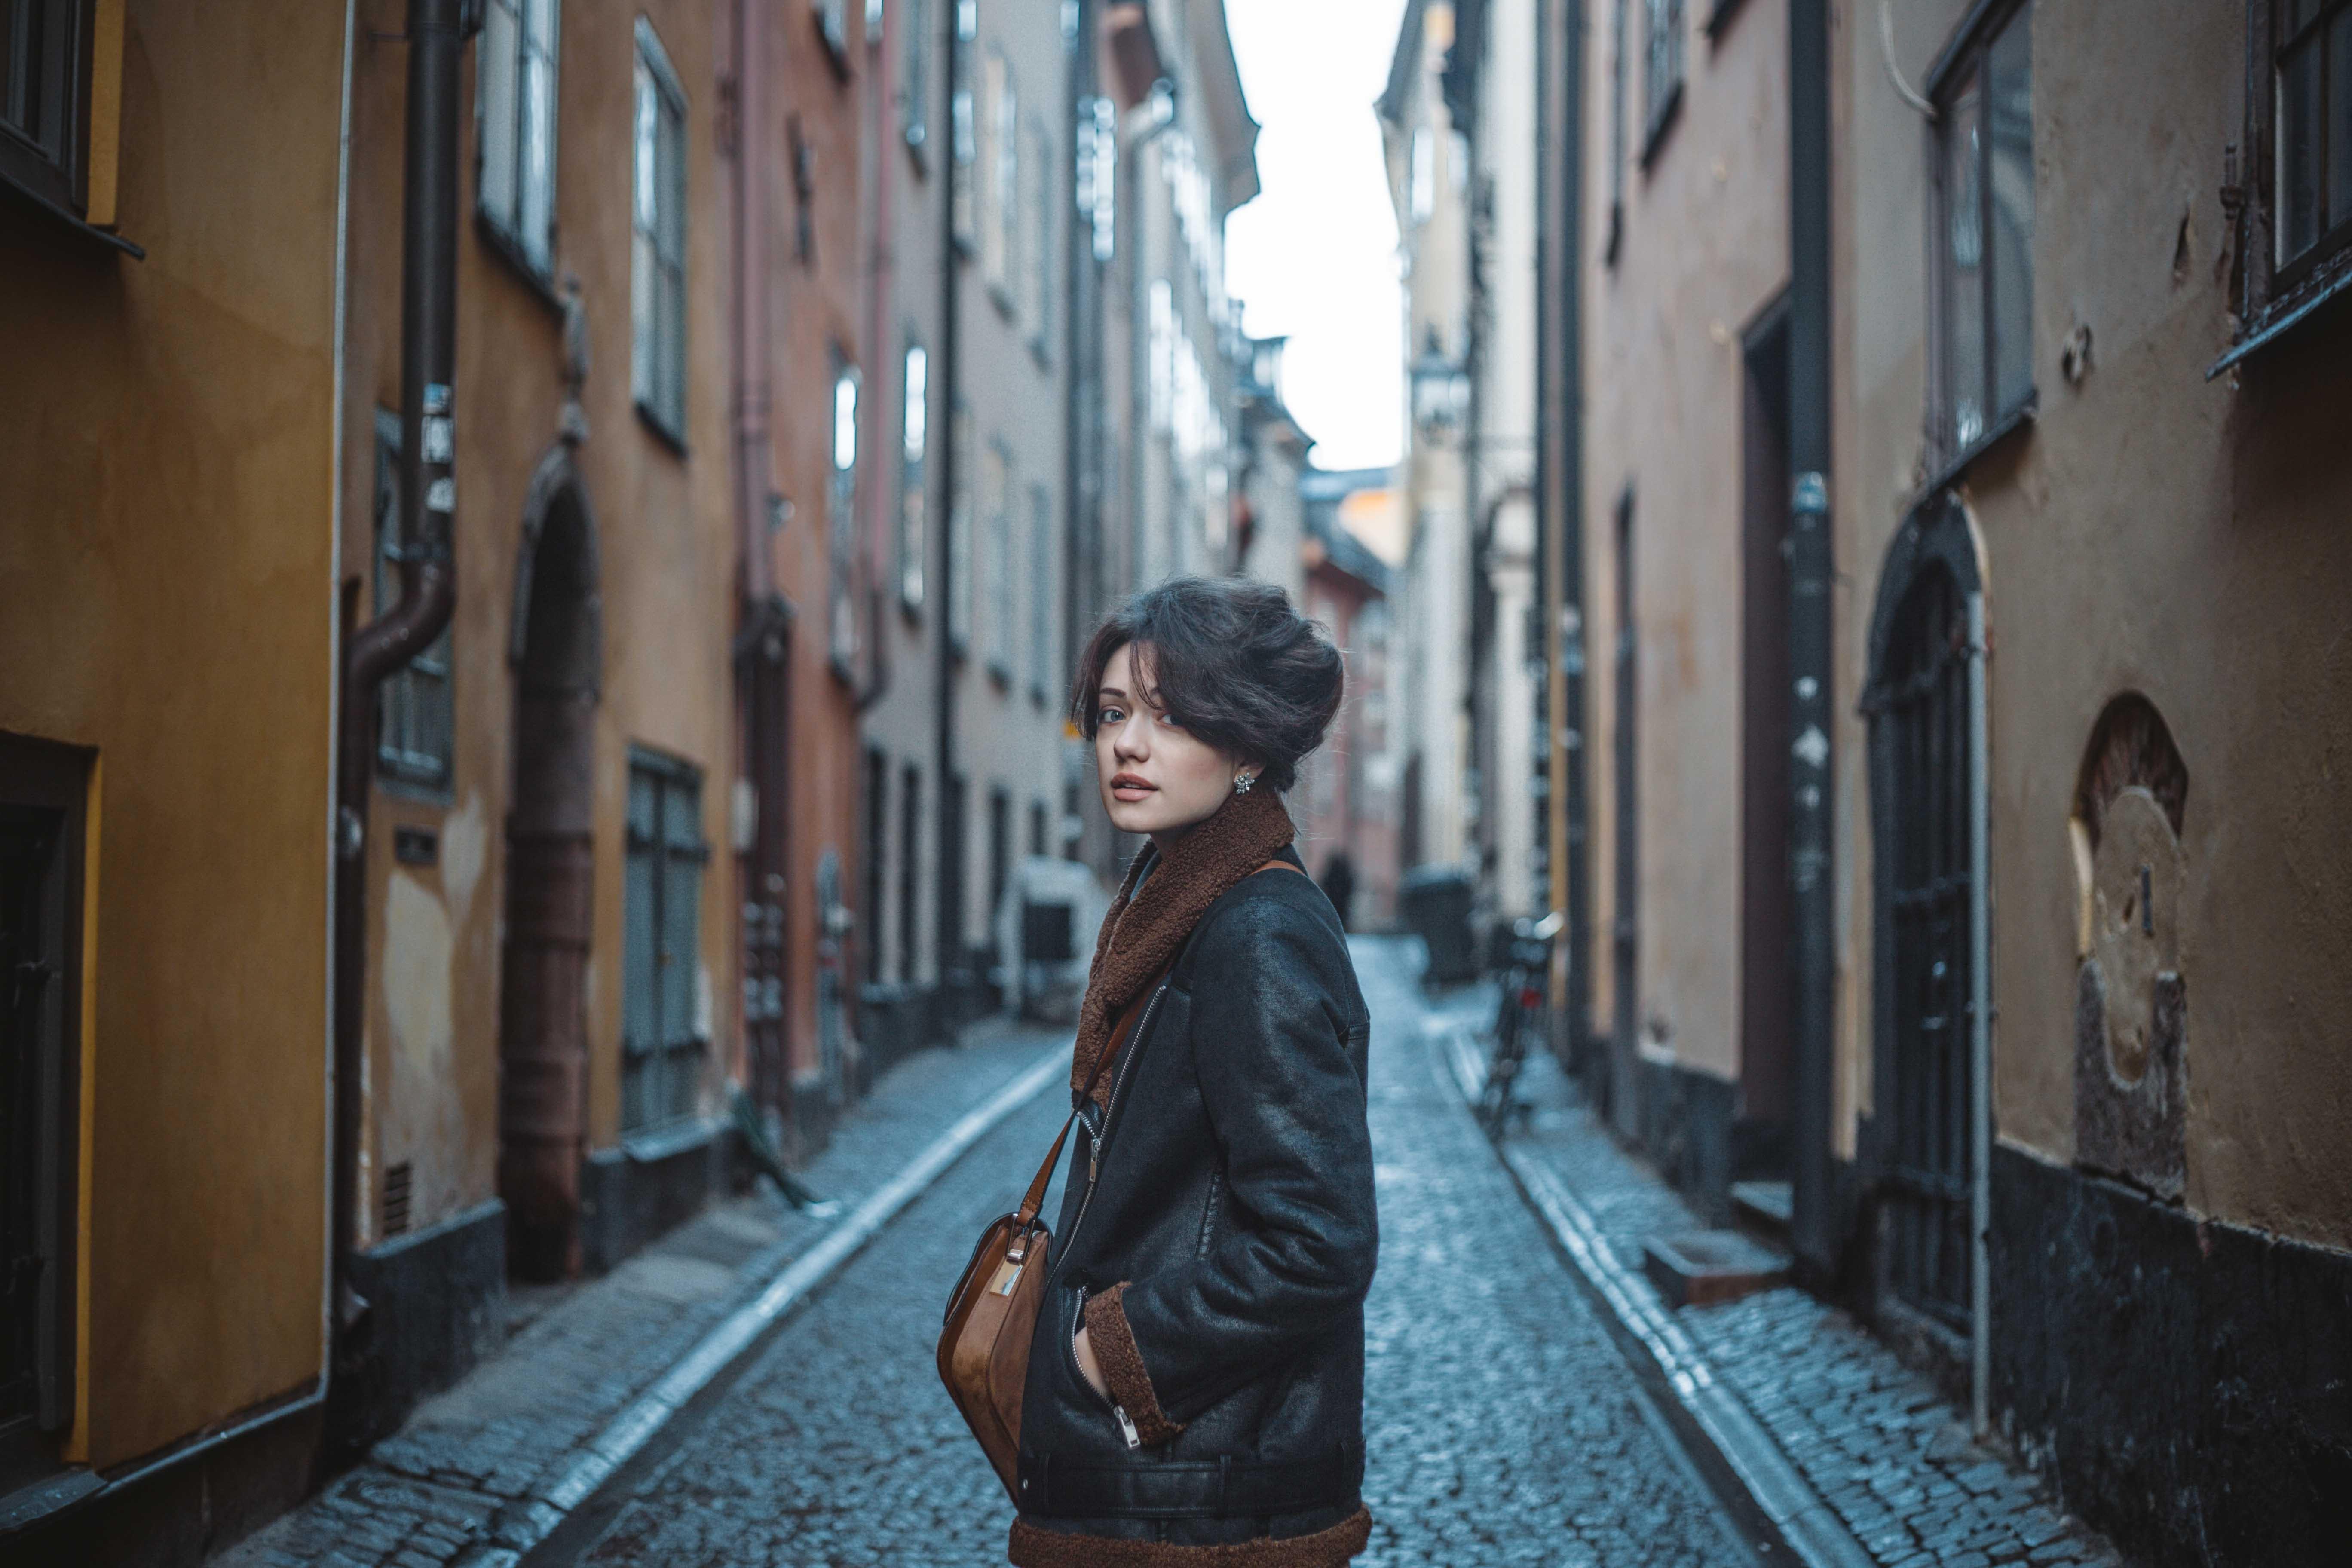 Go to Tamara Schipchinskaya's profile